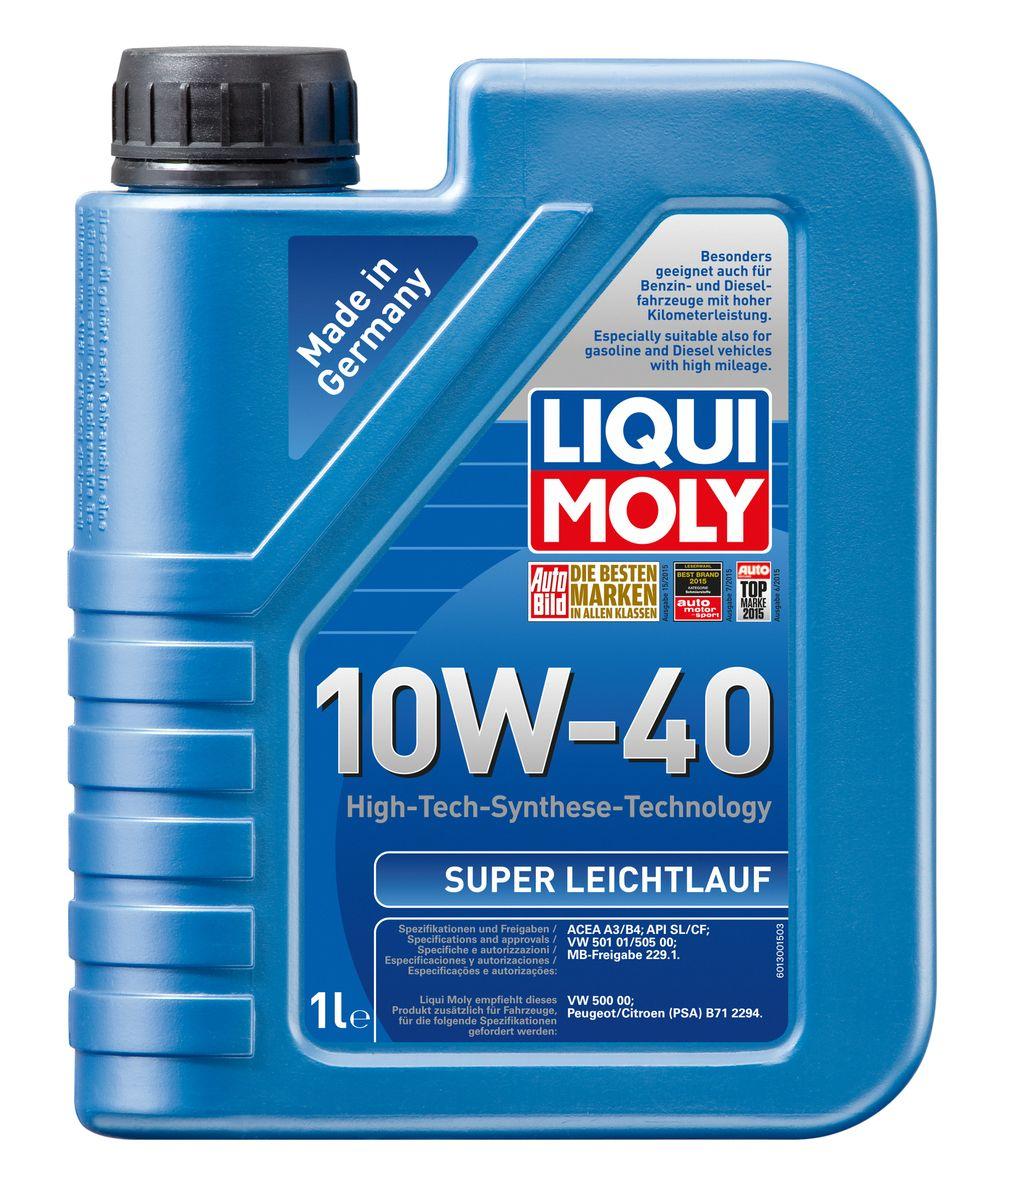 Масло моторное Liqui Moly Super Leichtlauf, НС-синтетическое, 10W-40, 1 л1928Масло моторное Liqui Moly Super Leichtlauf - универсальное моторное масло на базе гидрокрекинговой технологии синтеза (HC-синтеза). Удовлетворяет современным требованиям международных стандартов API и ACEA, а также имеет оригинальные допуски таких производителей, как Mercedes-Benz, Volkswagen Group. Масло имеет высокую стабильность к окислению и угару, поэтому может использоваться в нагруженных бензиновых и дизельных двигателях с турбонаддувом и интеркулером. В моторном масле Leichtlauf Super 10W-40 используются базовые компоненты, произведенные по новейшим технологиям синтеза и отличающиеся высочайшими защитными свойствами. Масло содержит современный пакет присадок, который обеспечивает высокий уровень защиты от износа и гарантирует стабильное поступление масла ко всем деталям двигателя. Особенности: - Высокая стабильность масляной пленки при высоких и низких температурах - Высокие противоизносные свойства - Обеспечивает оптимальную чистоту двигателя...